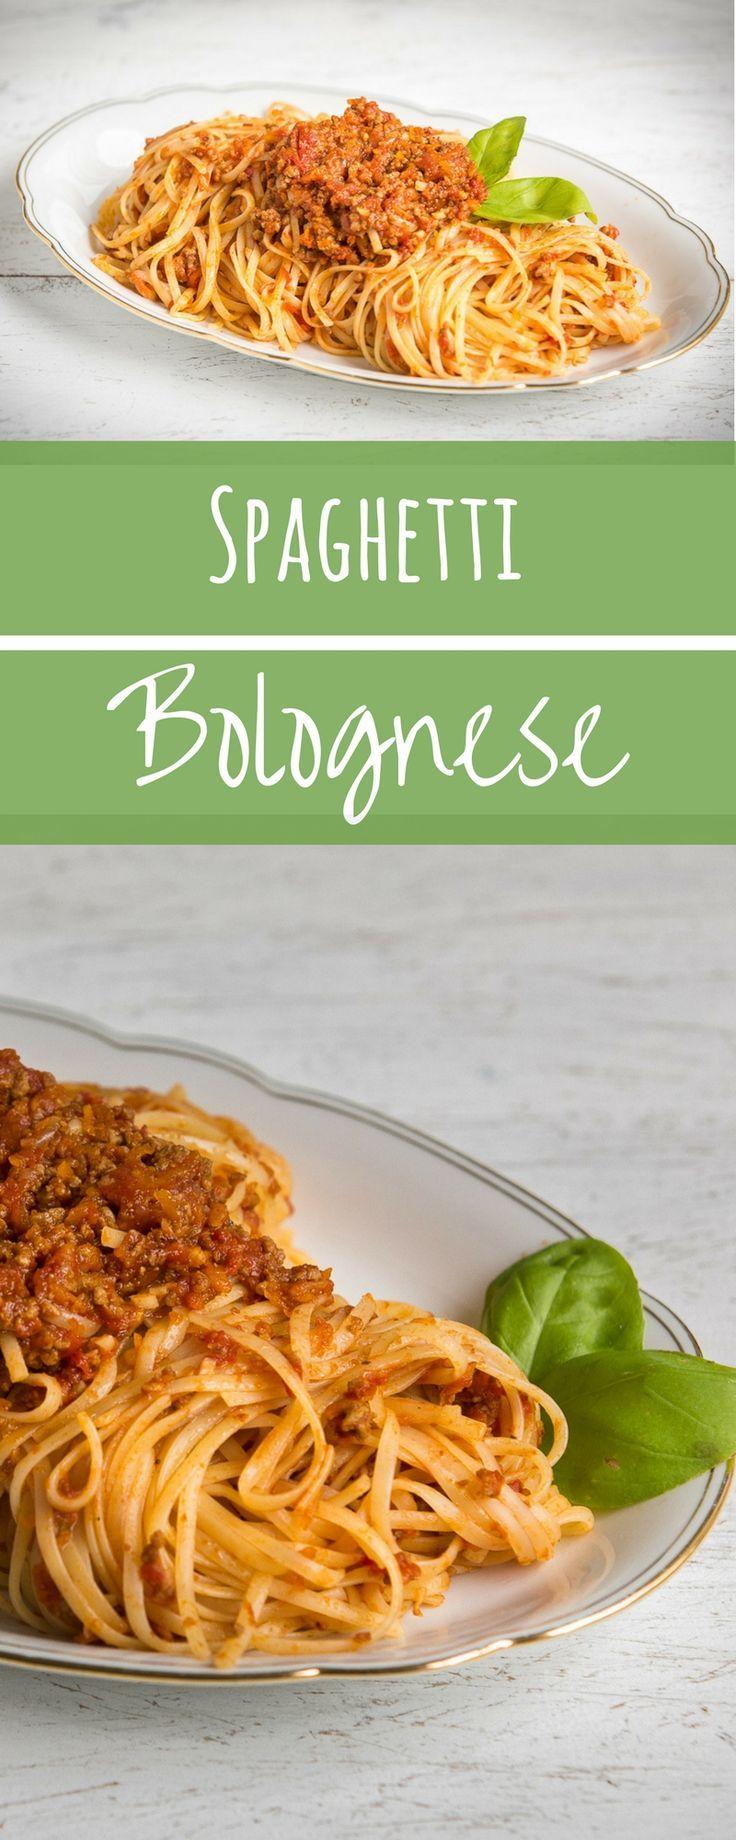 Klassiker und Lieblingsessen Spaghetti Bolognese. Wer kann den Nudeln mit Hackfleischsauce schon widerstehen? Ich nicht. Mein Rezept für Spaghetti Bolo ist nur einen Klick entfernt.